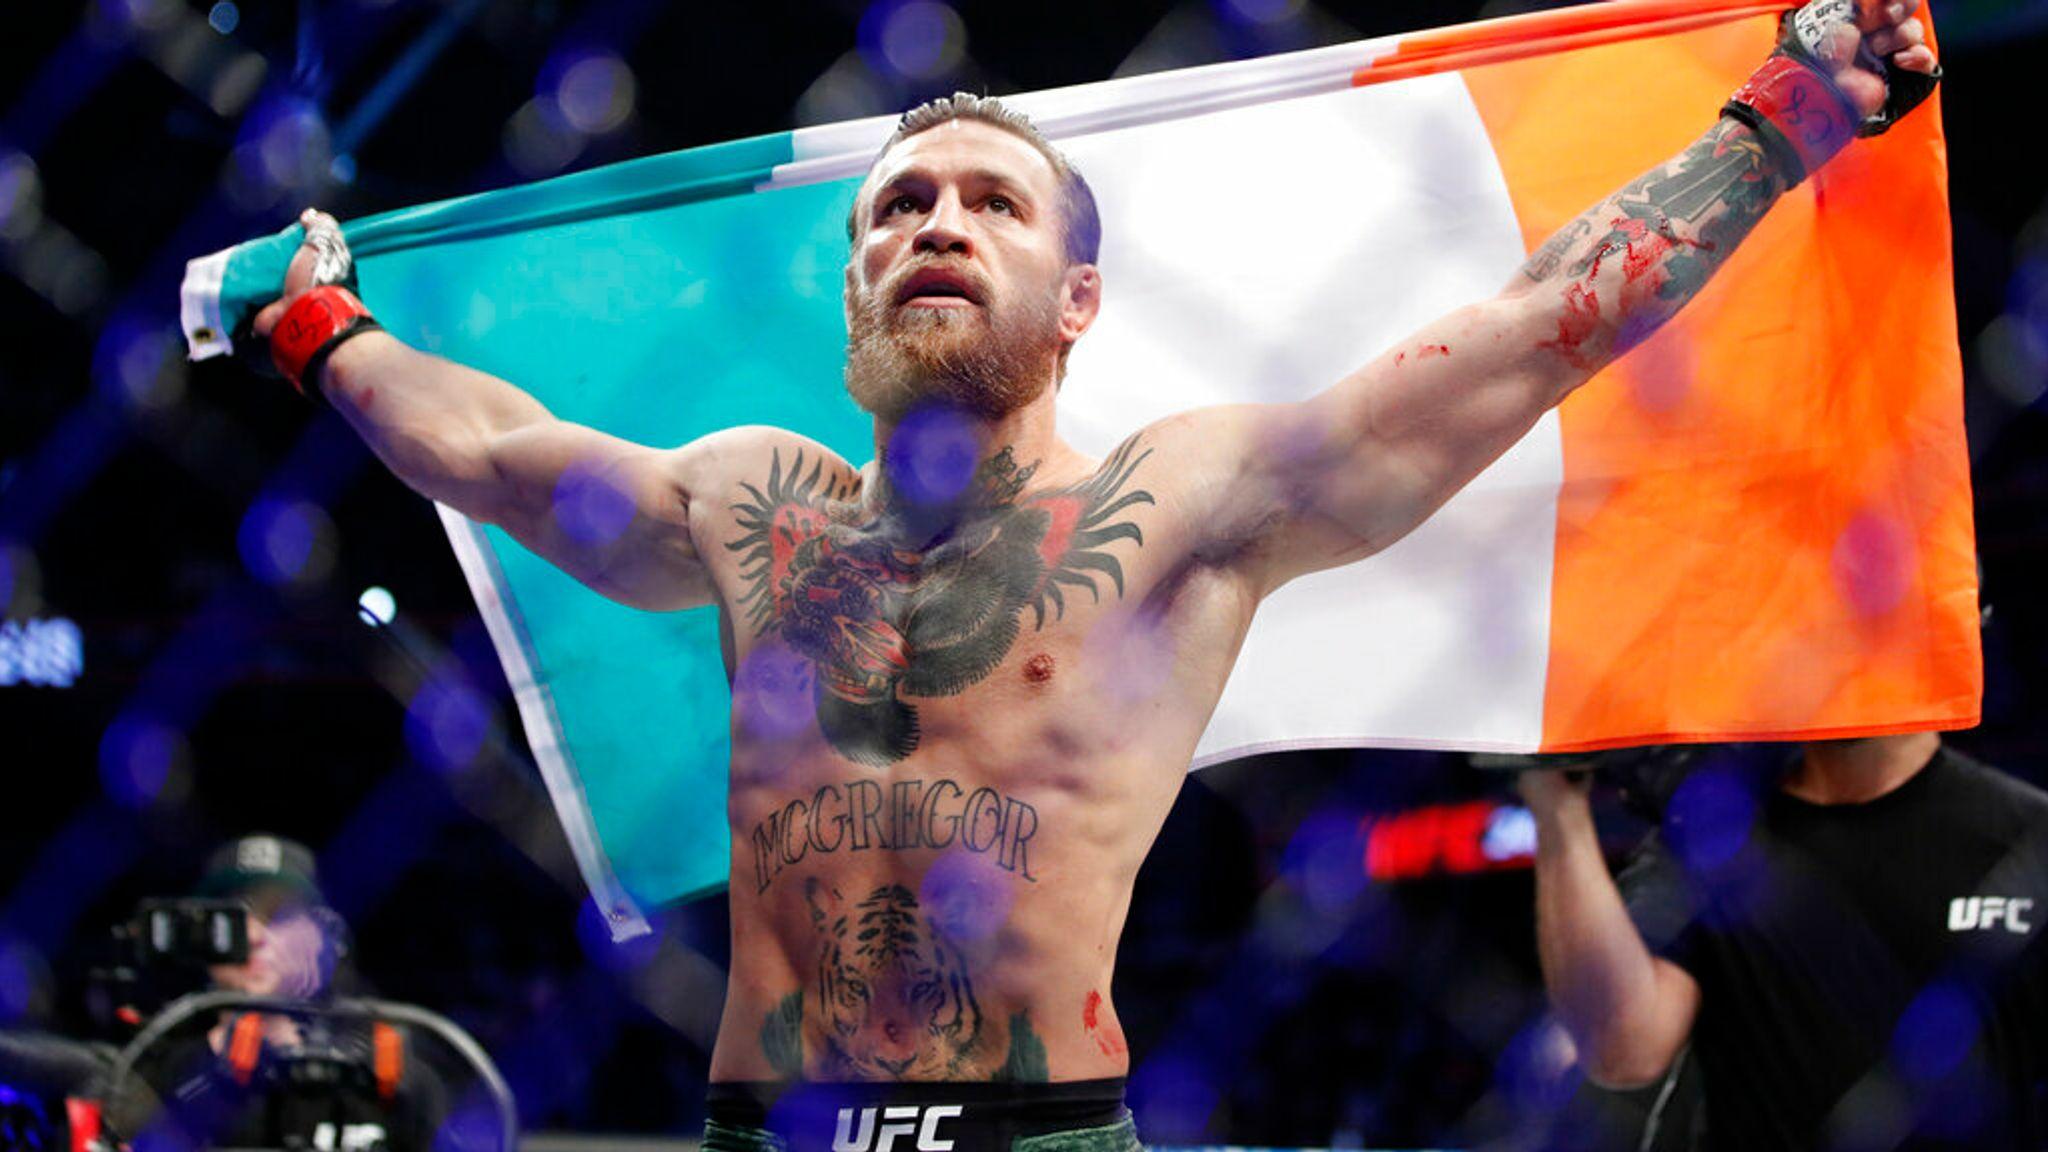 Conor McGregor MMA Legend Gets dismissed by UFC Champion Alexander Volkanovski!